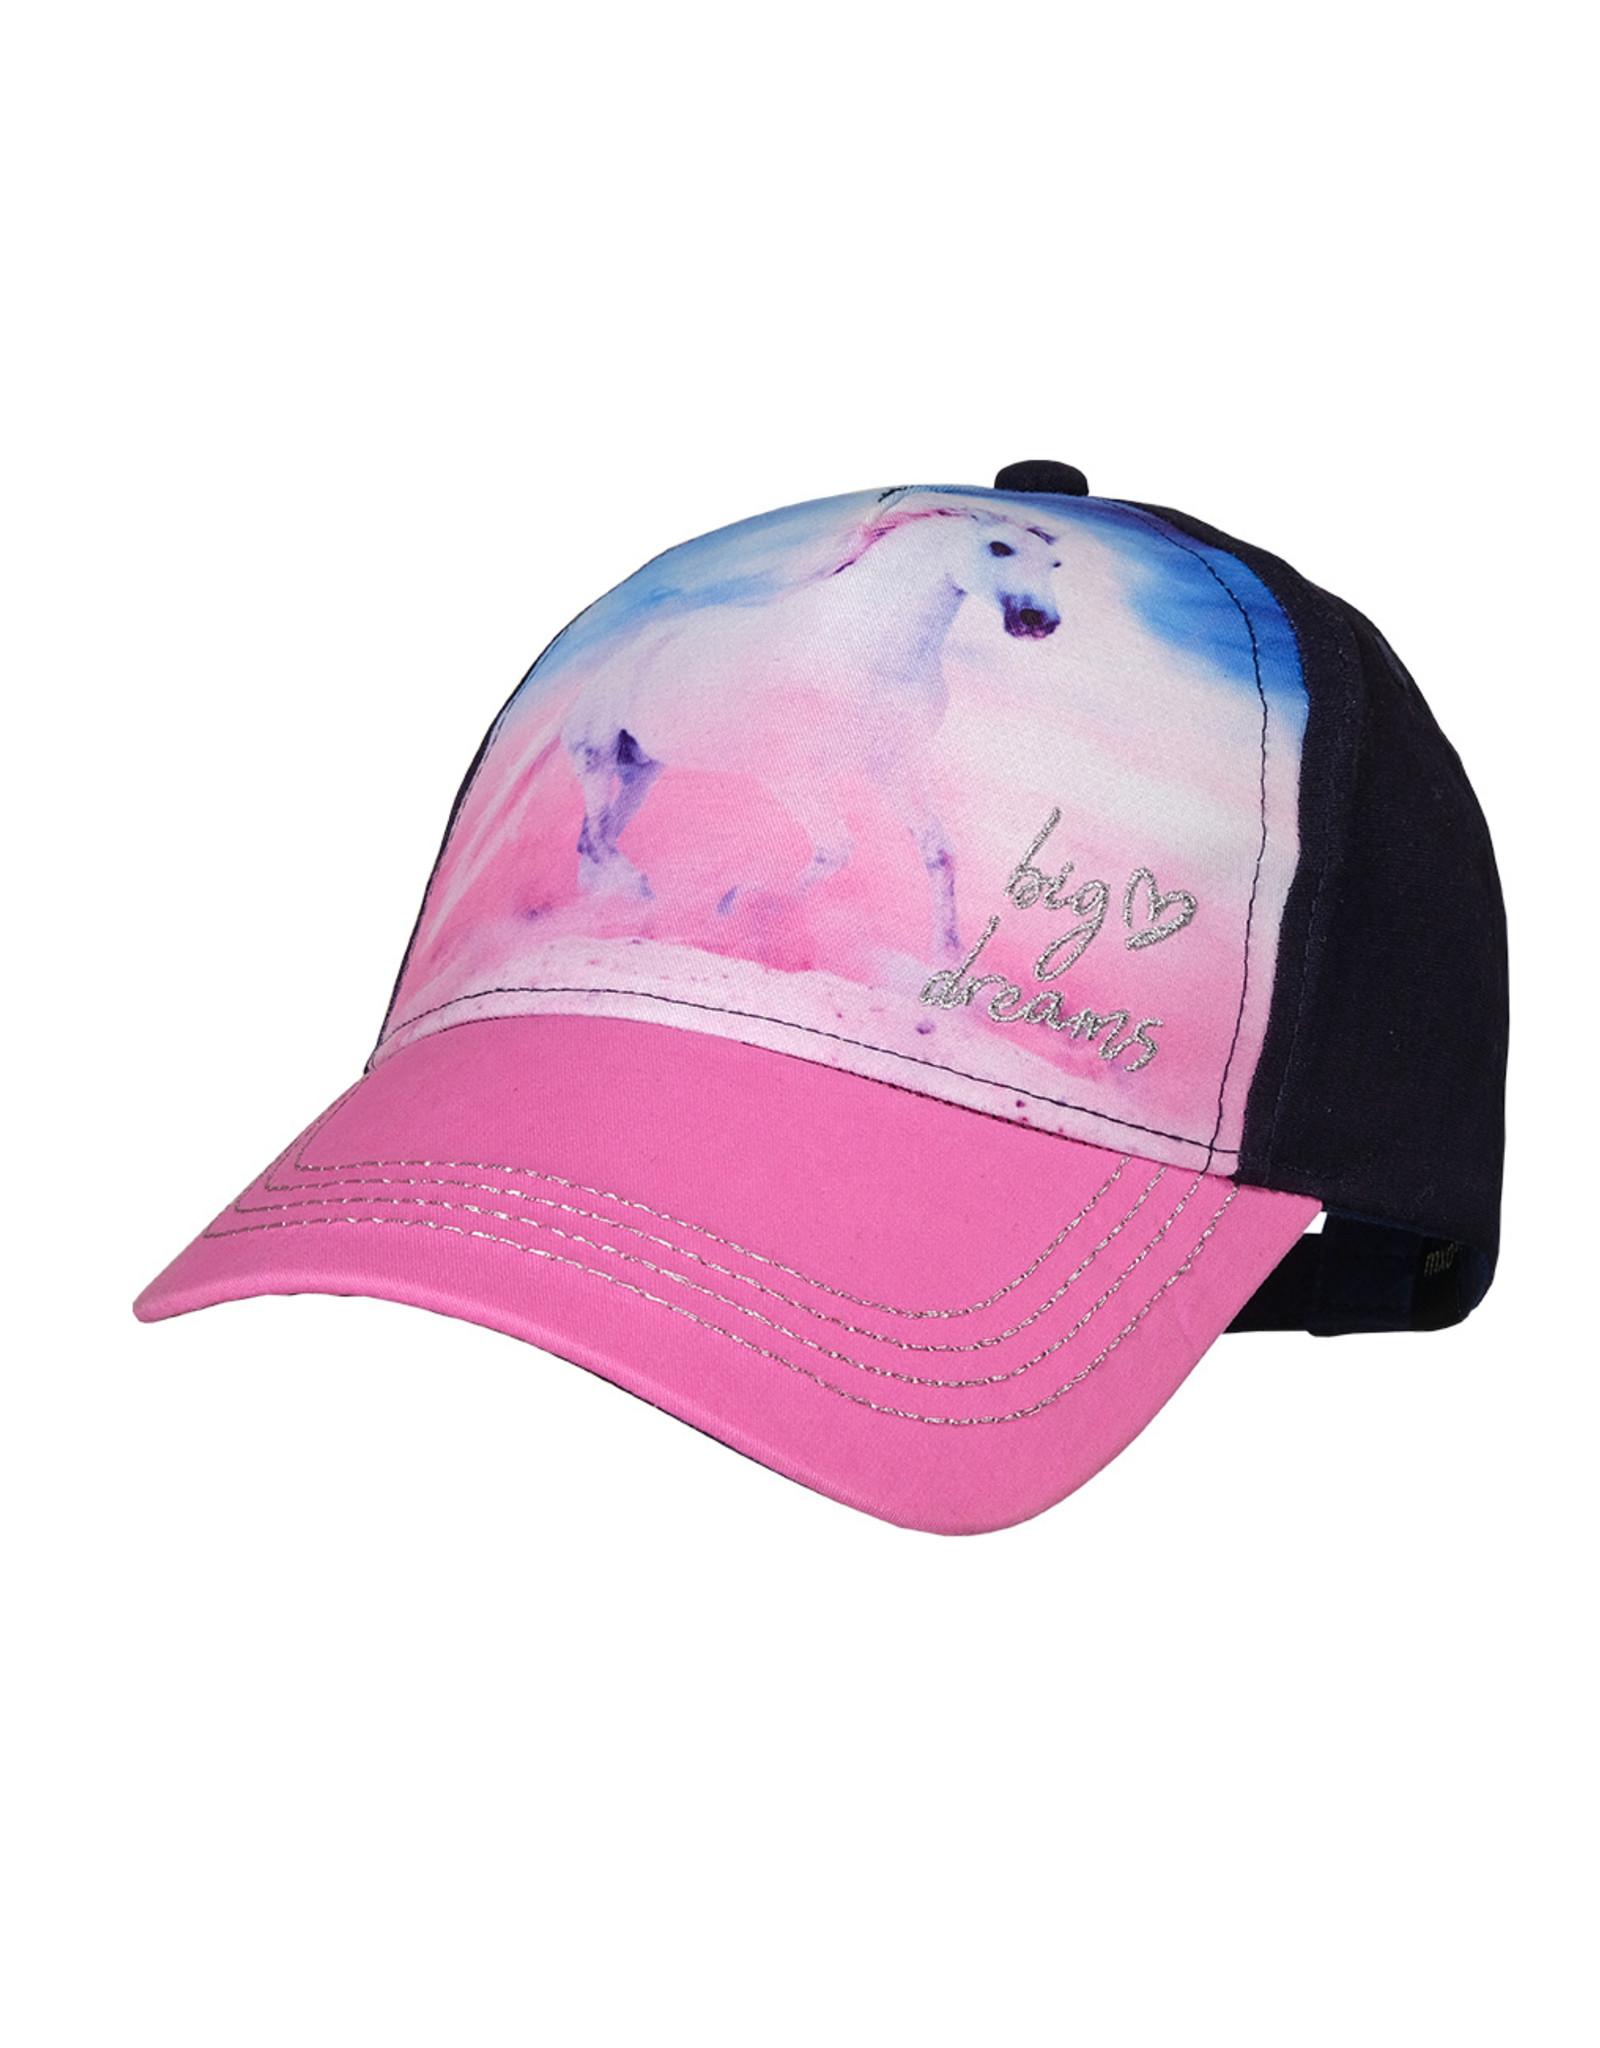 Maximo Maximo KIDS GIRL Cap horse navy/pink